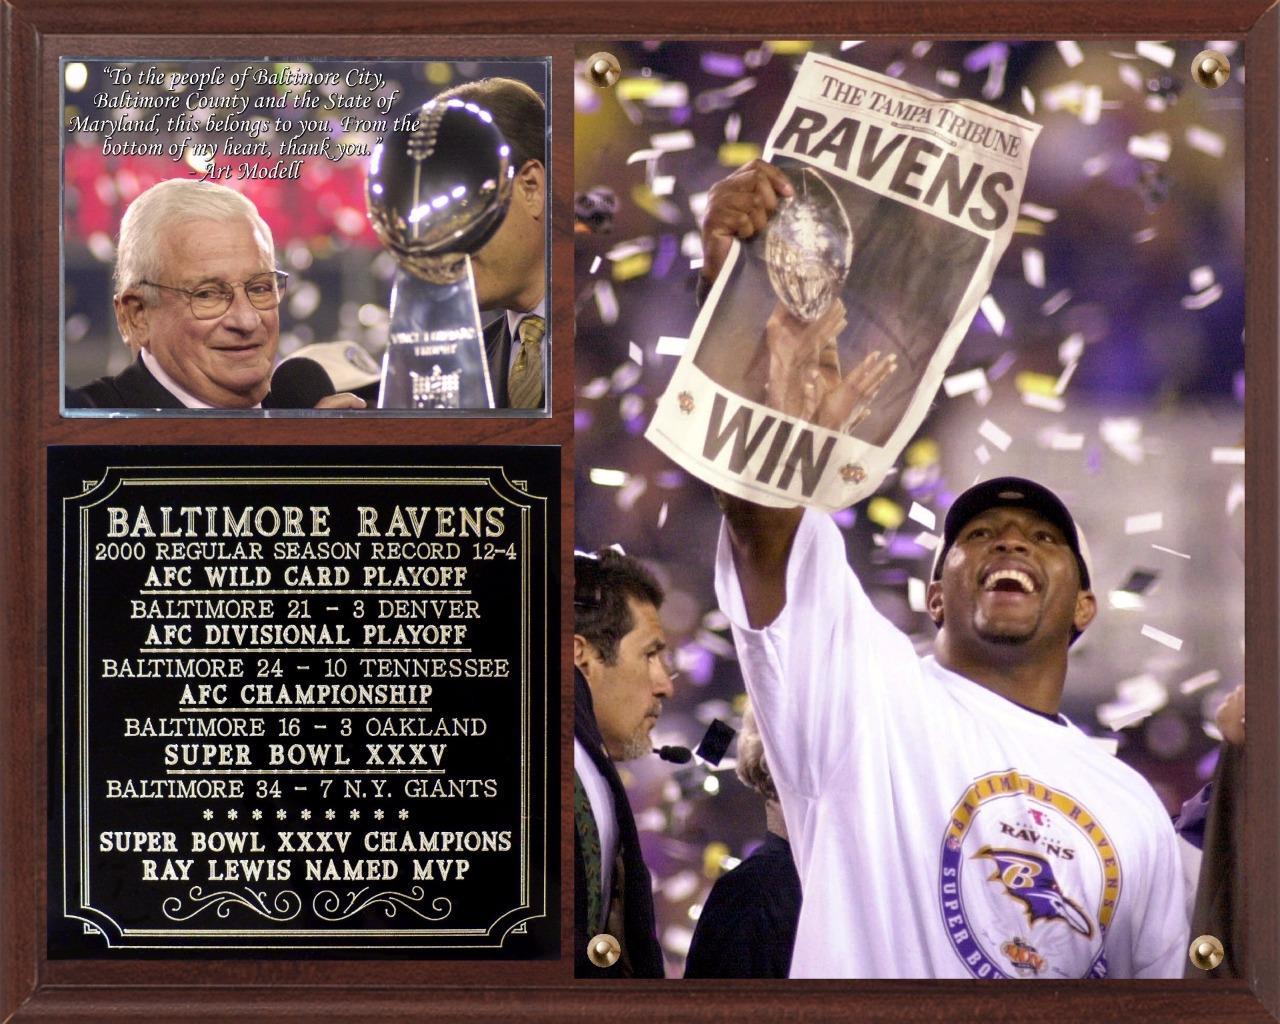 Baltimore Ravens Super Bowl XXXV Champions NFL Photo